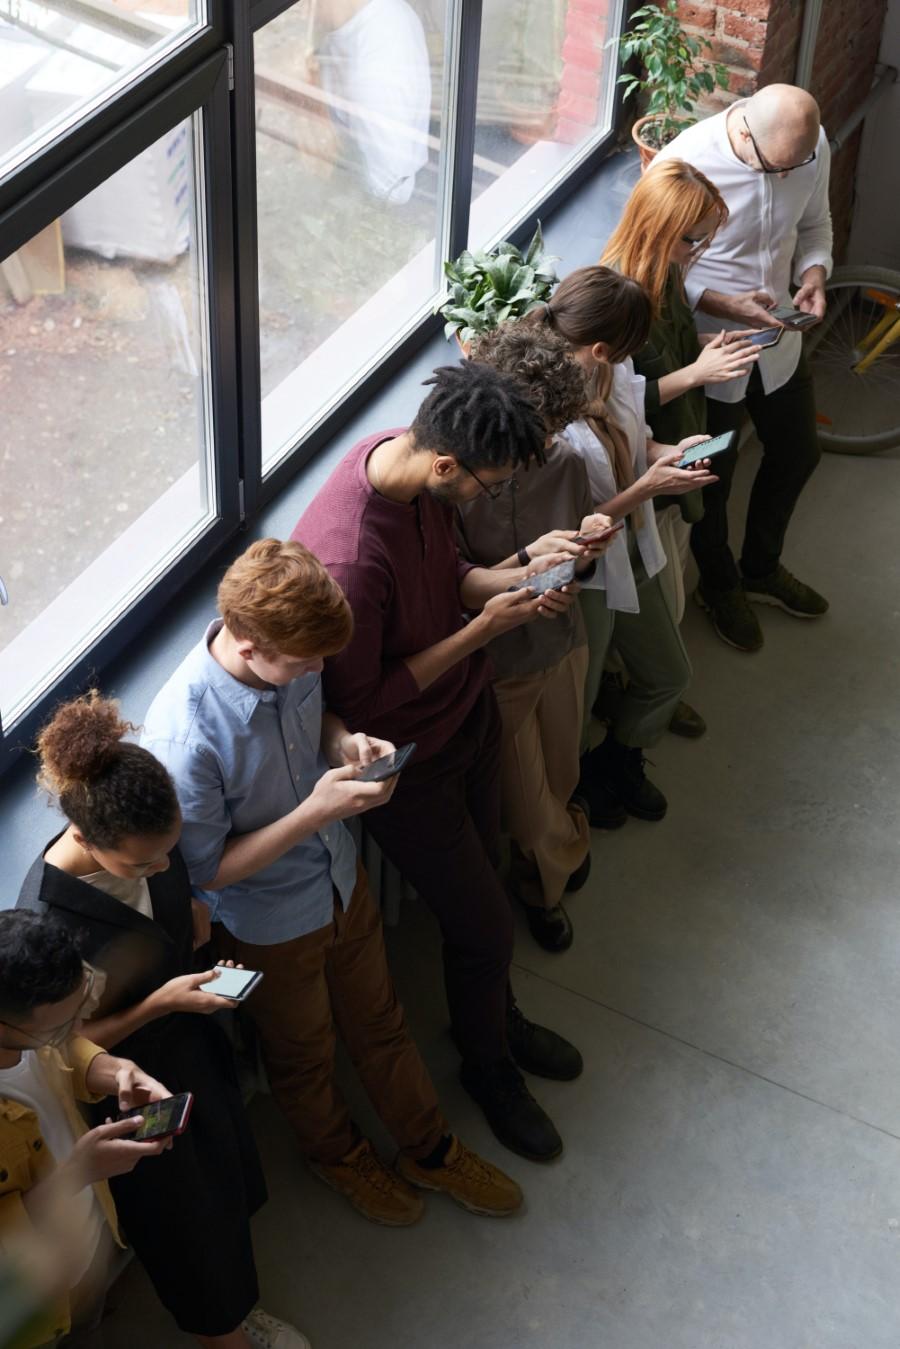 Τα social media έχουν δύναμη, αλλά ποιος αναλαμβάνει την ευθύνη;